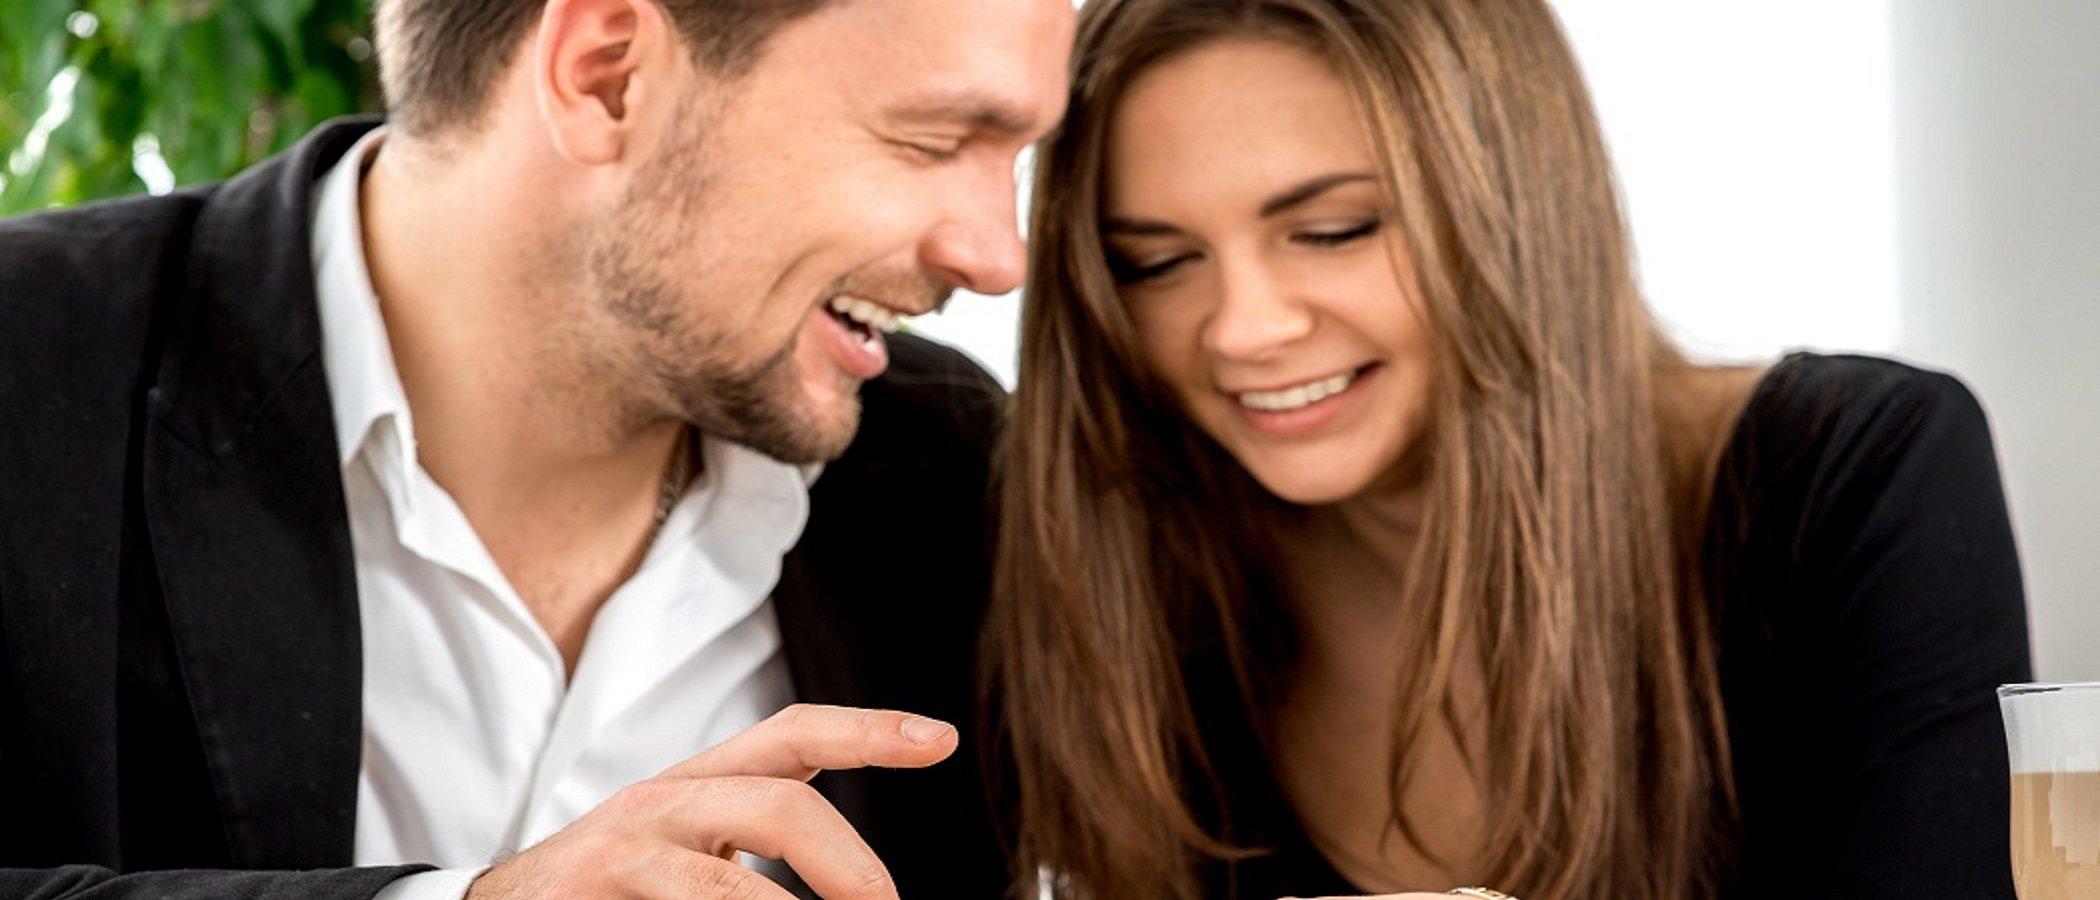 Fortalece el matrimonio y evita el divorcio con estos 9 consejos